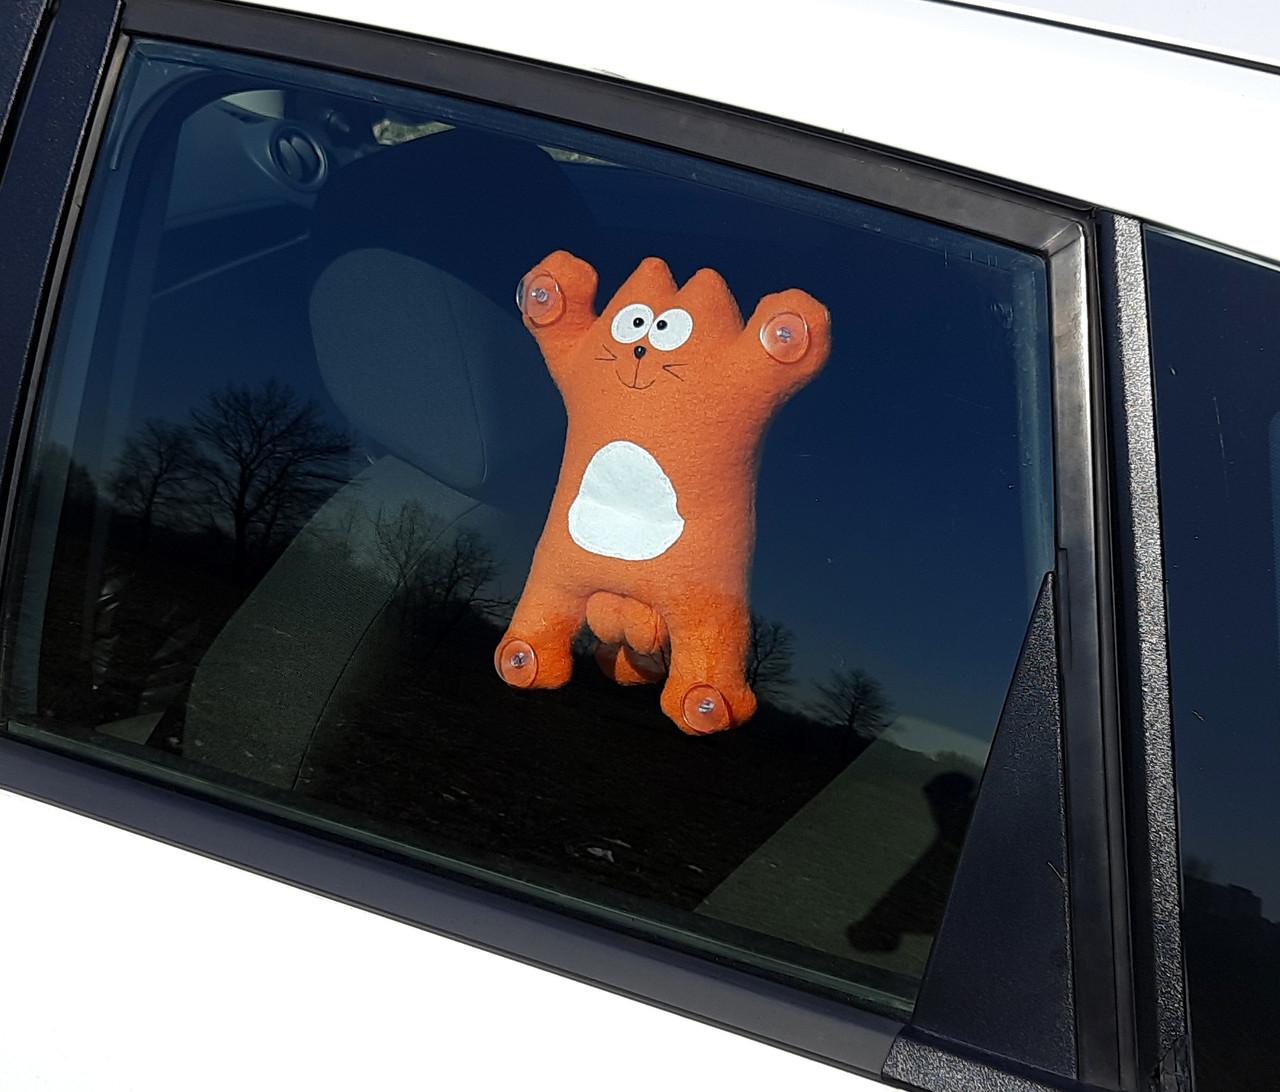 Саймон Кот рыжий на присосках - Сувенир в машину - Мягкая игрушка Кот Саймон - Подарок автомобилисту - фото 3